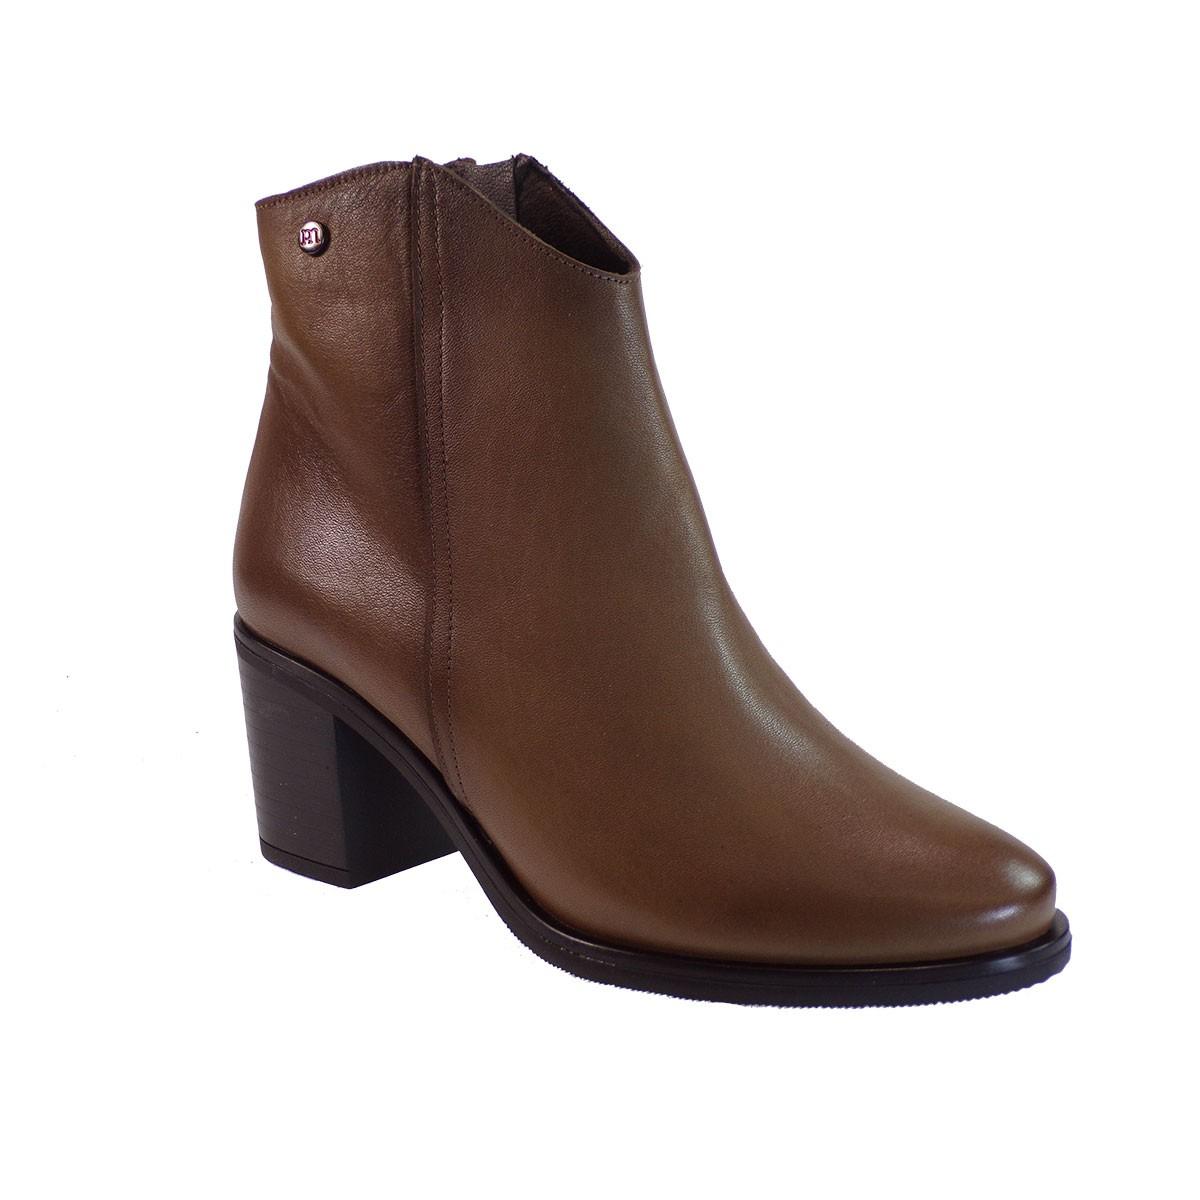 PEPE MENARGUES SHOES Γυναικεία Παπούτσια Μποτάκια 1150 Πούρο Δέρμα